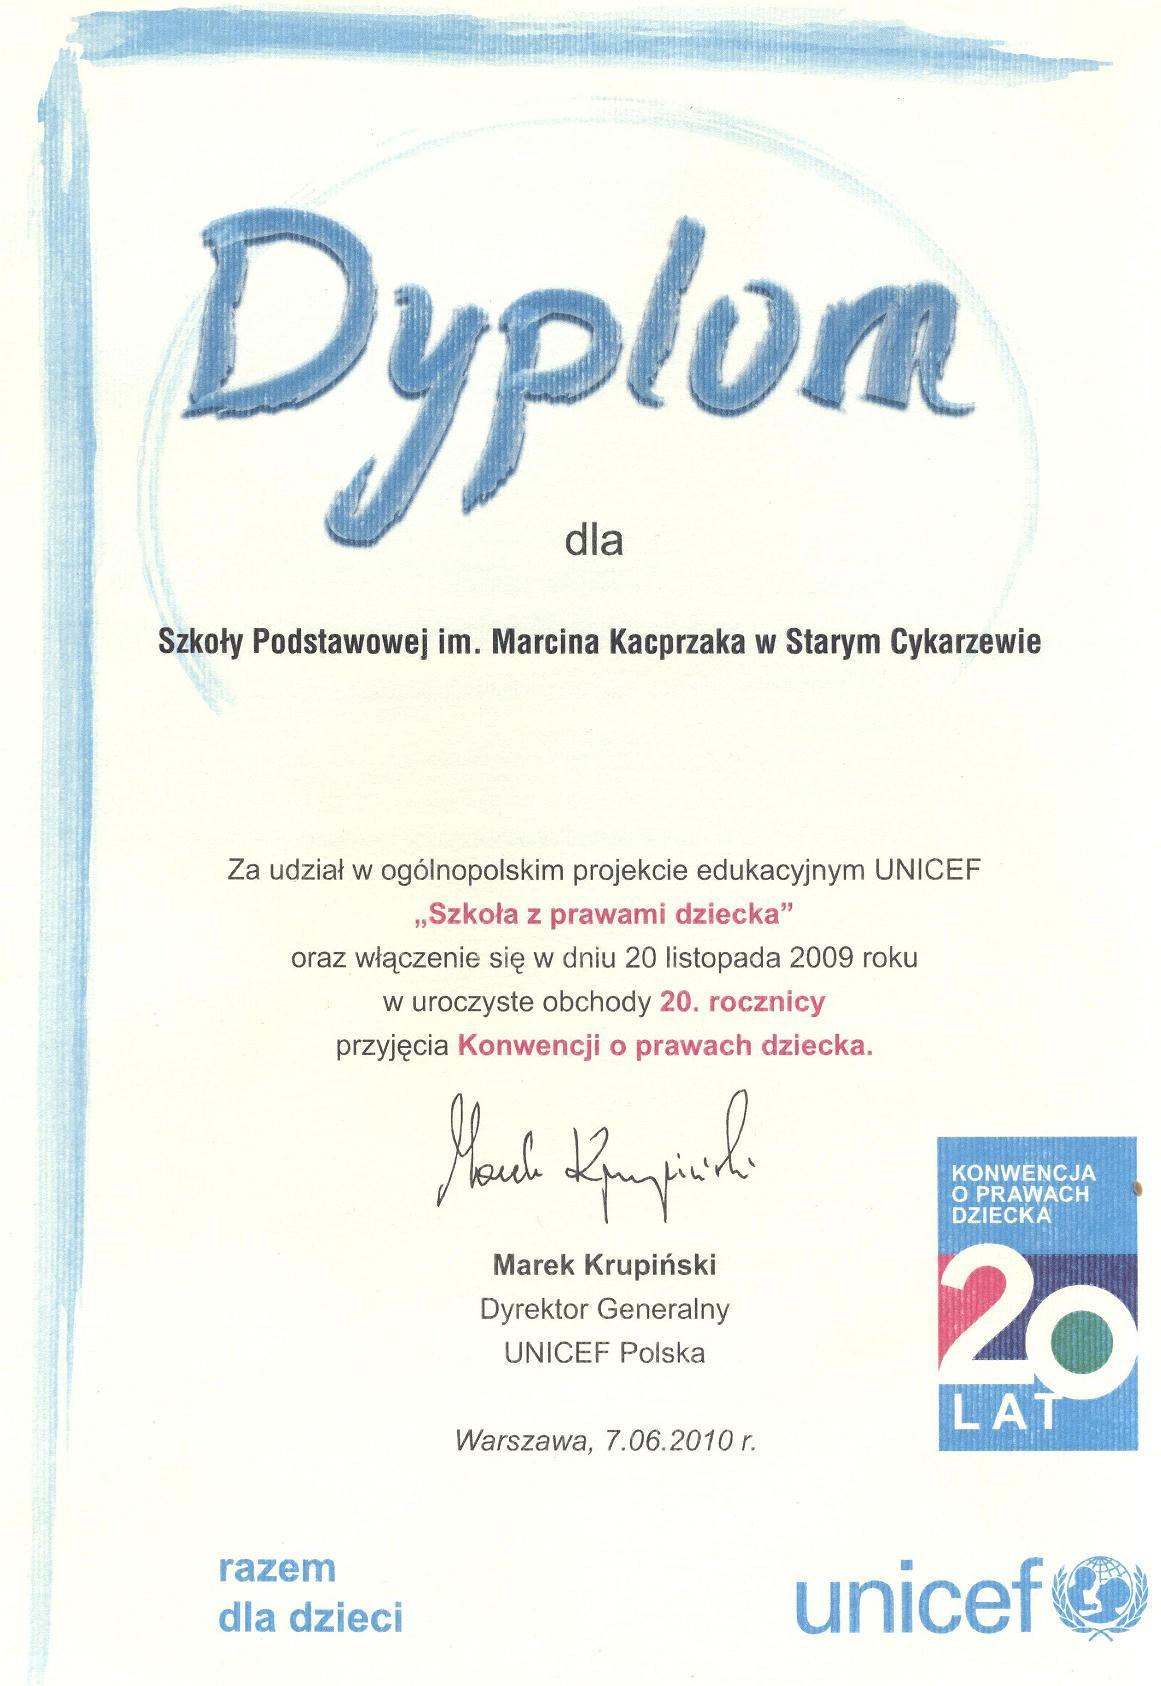 http://www.unicef.pl/nmaction/akcja_szkolna/szkola-z-prawami-dziecka/12